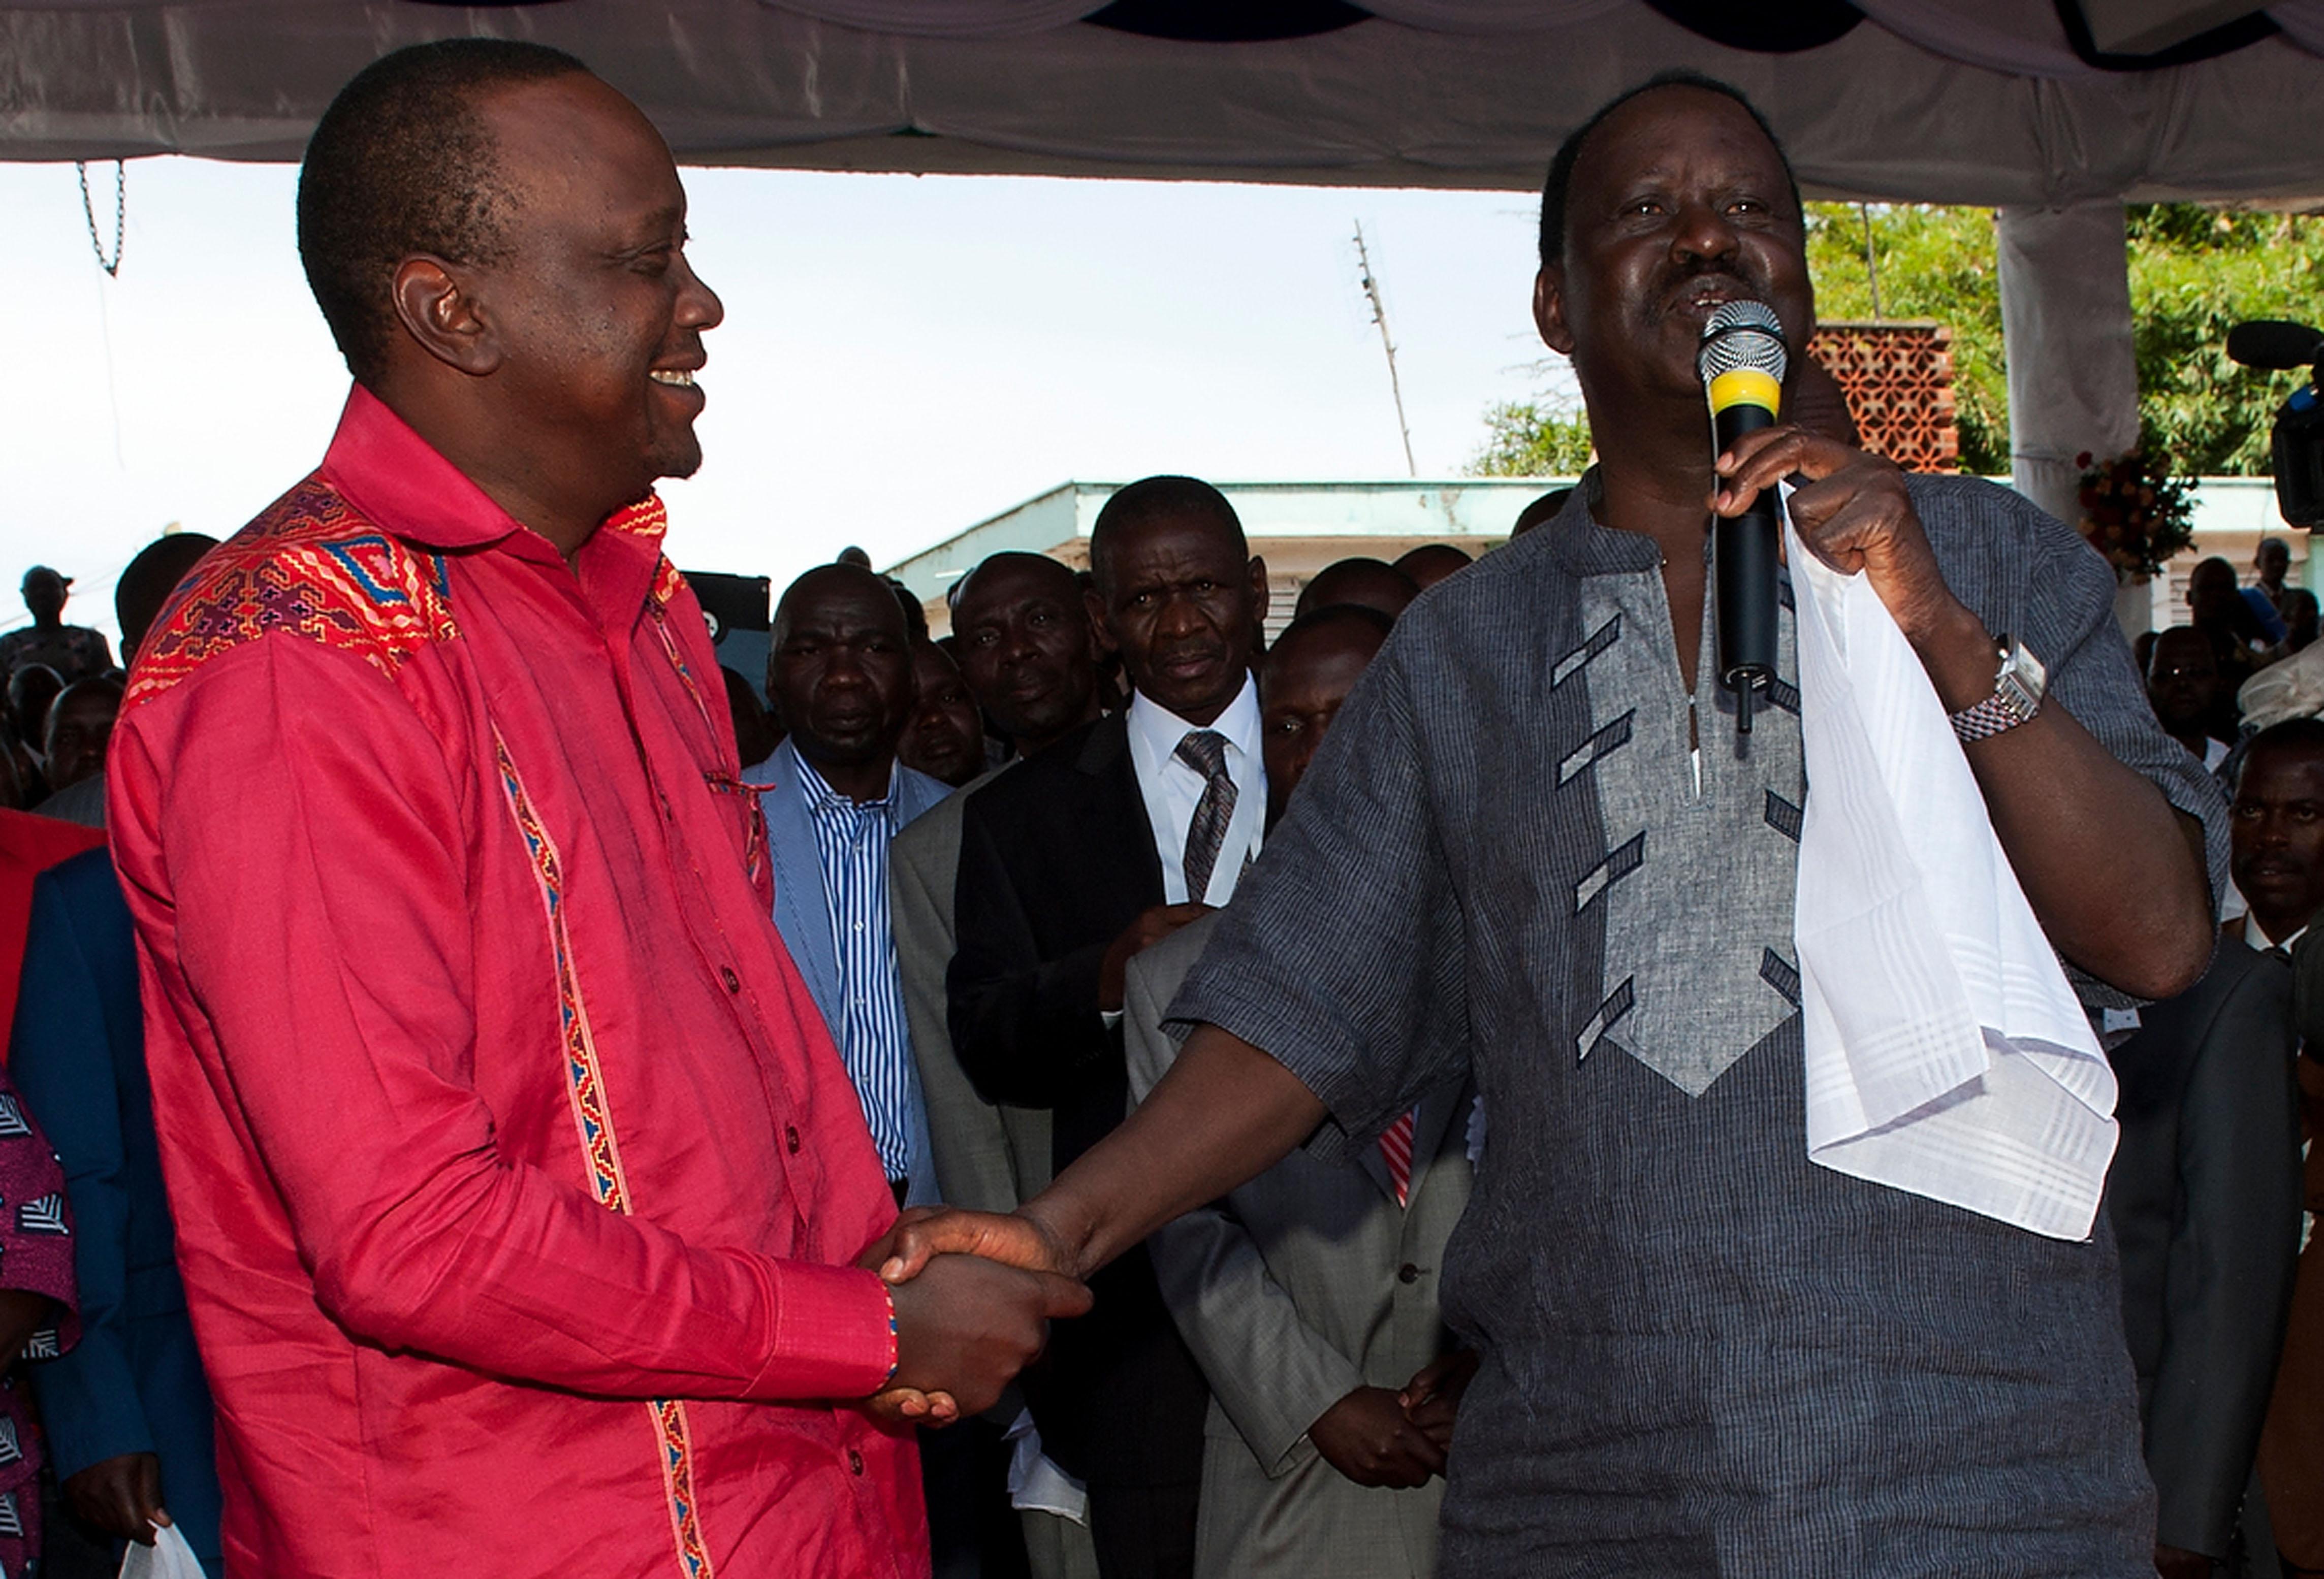 Odinga y Kenyatta, dos viejas caras que se disputan el nuevo rumbo de Kenia